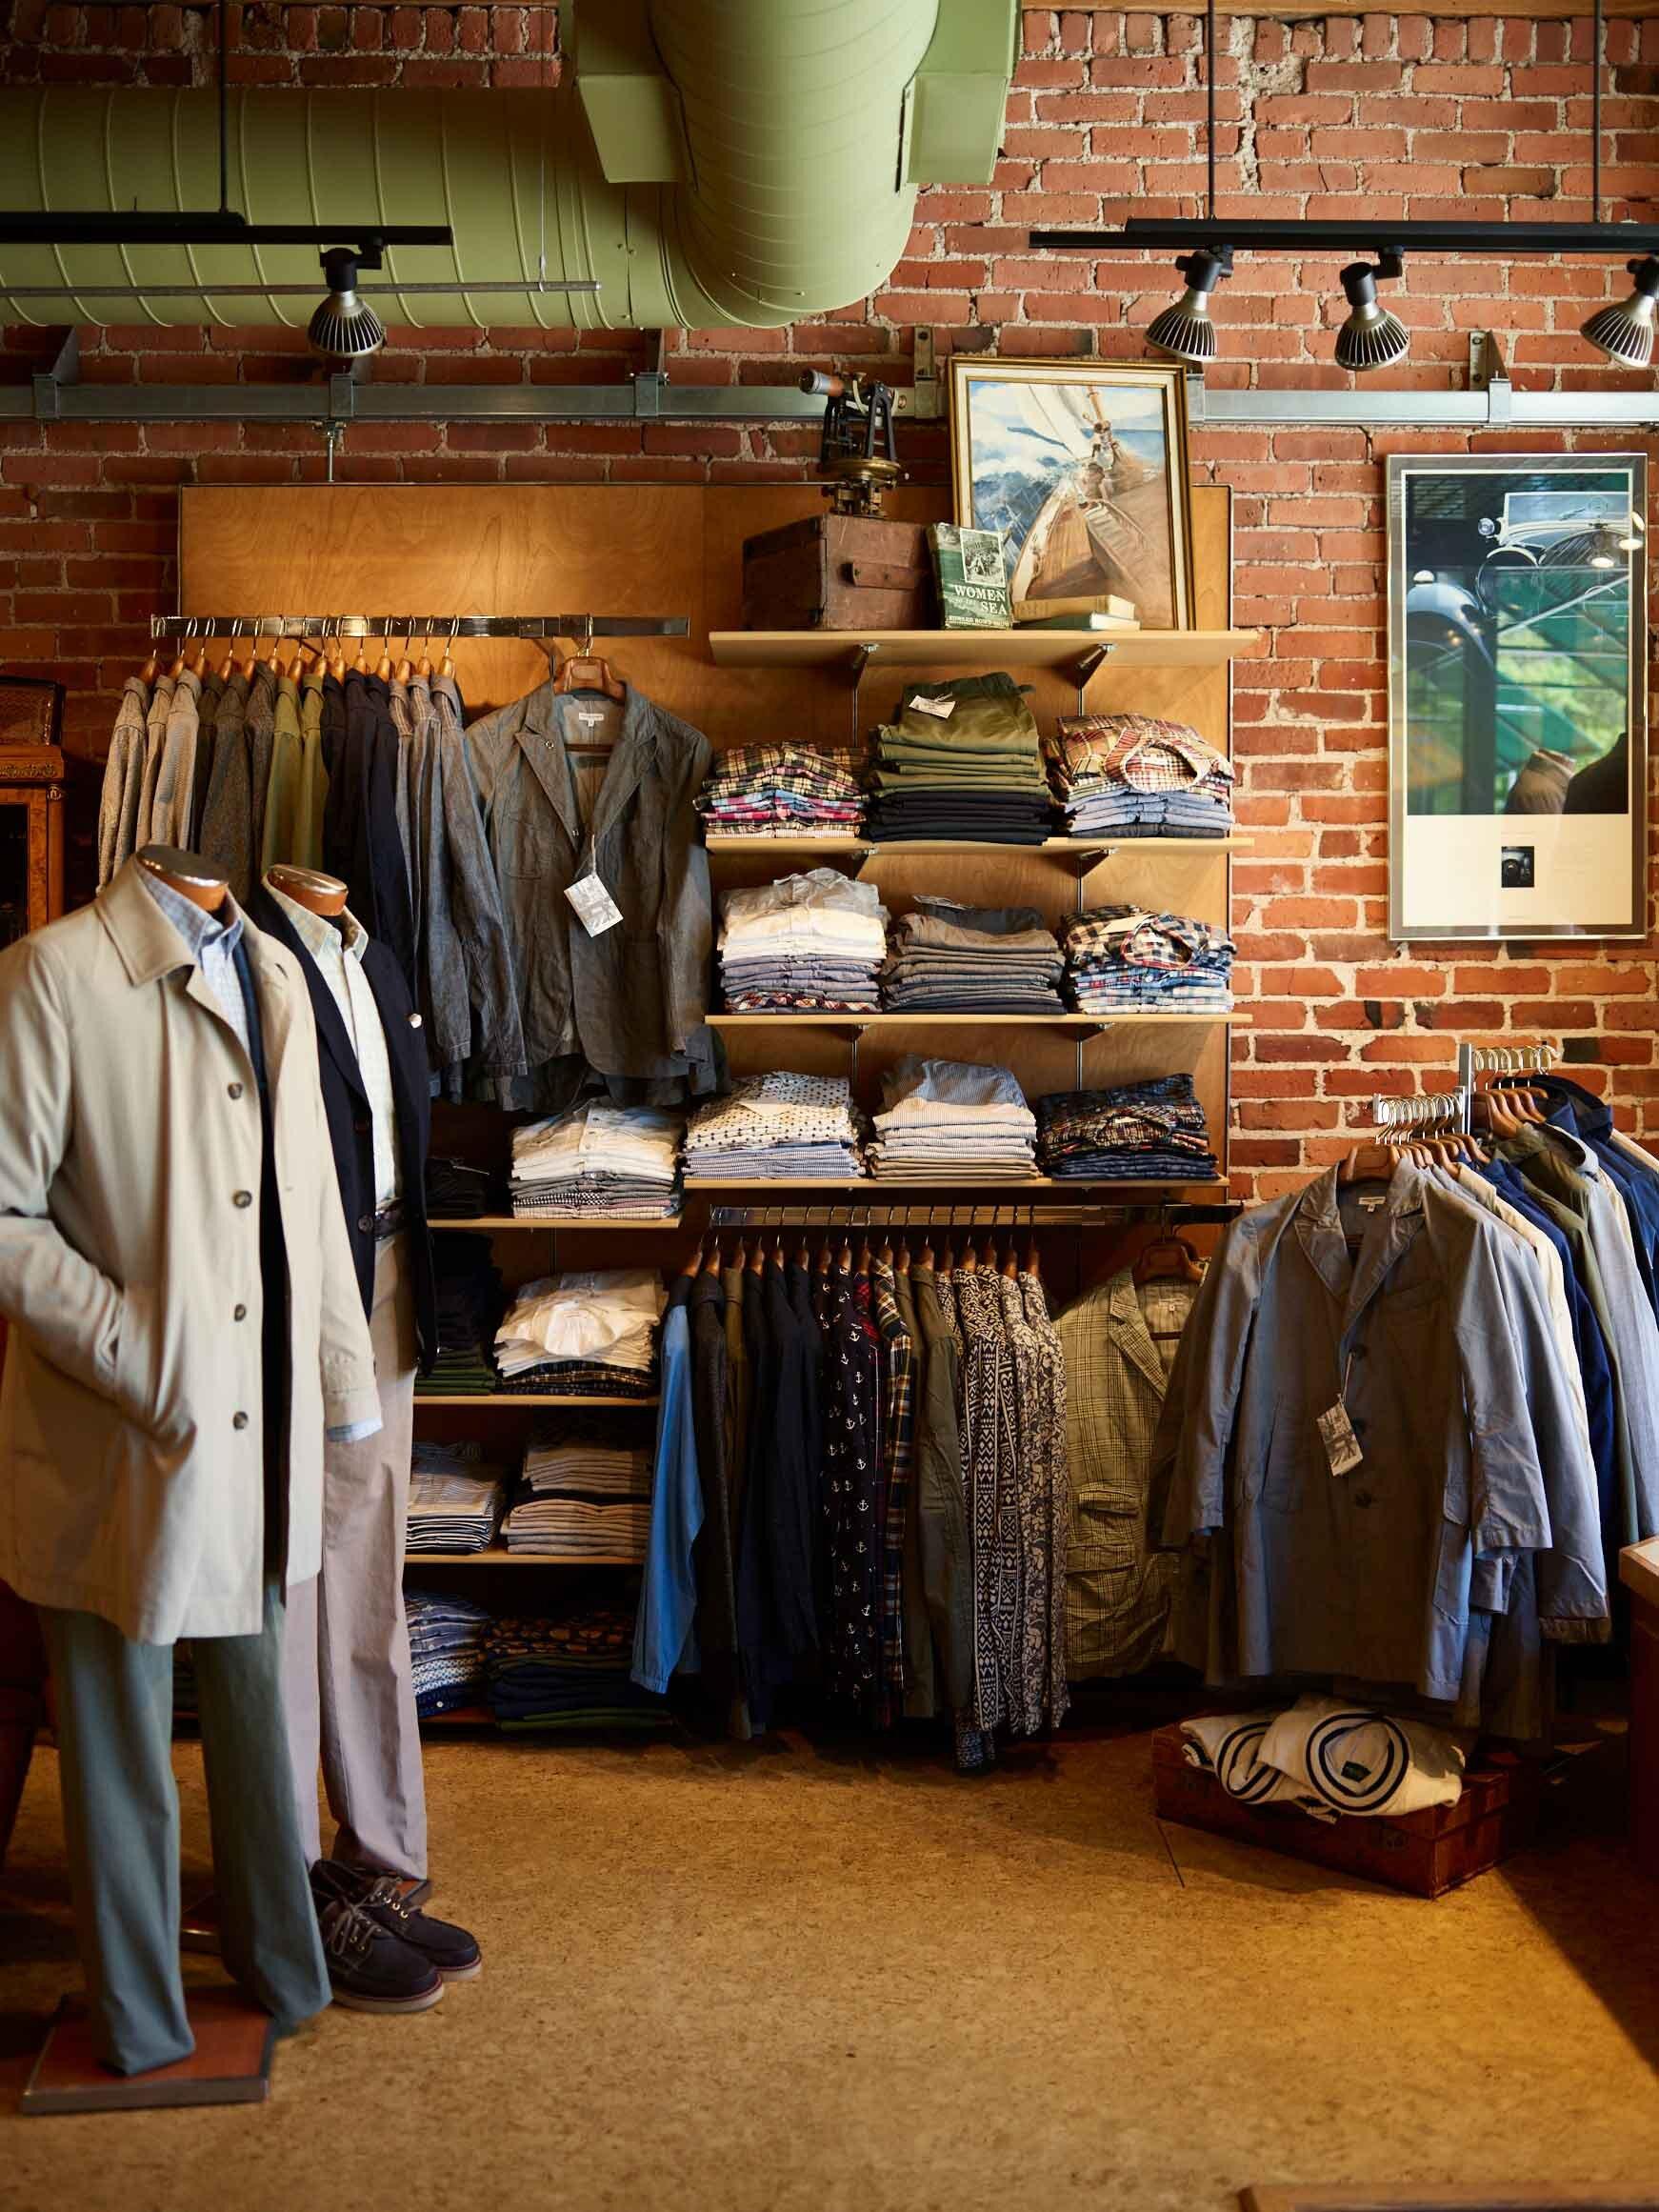 drinkwaters_cambridge_great_mens_clothing_01.jpg